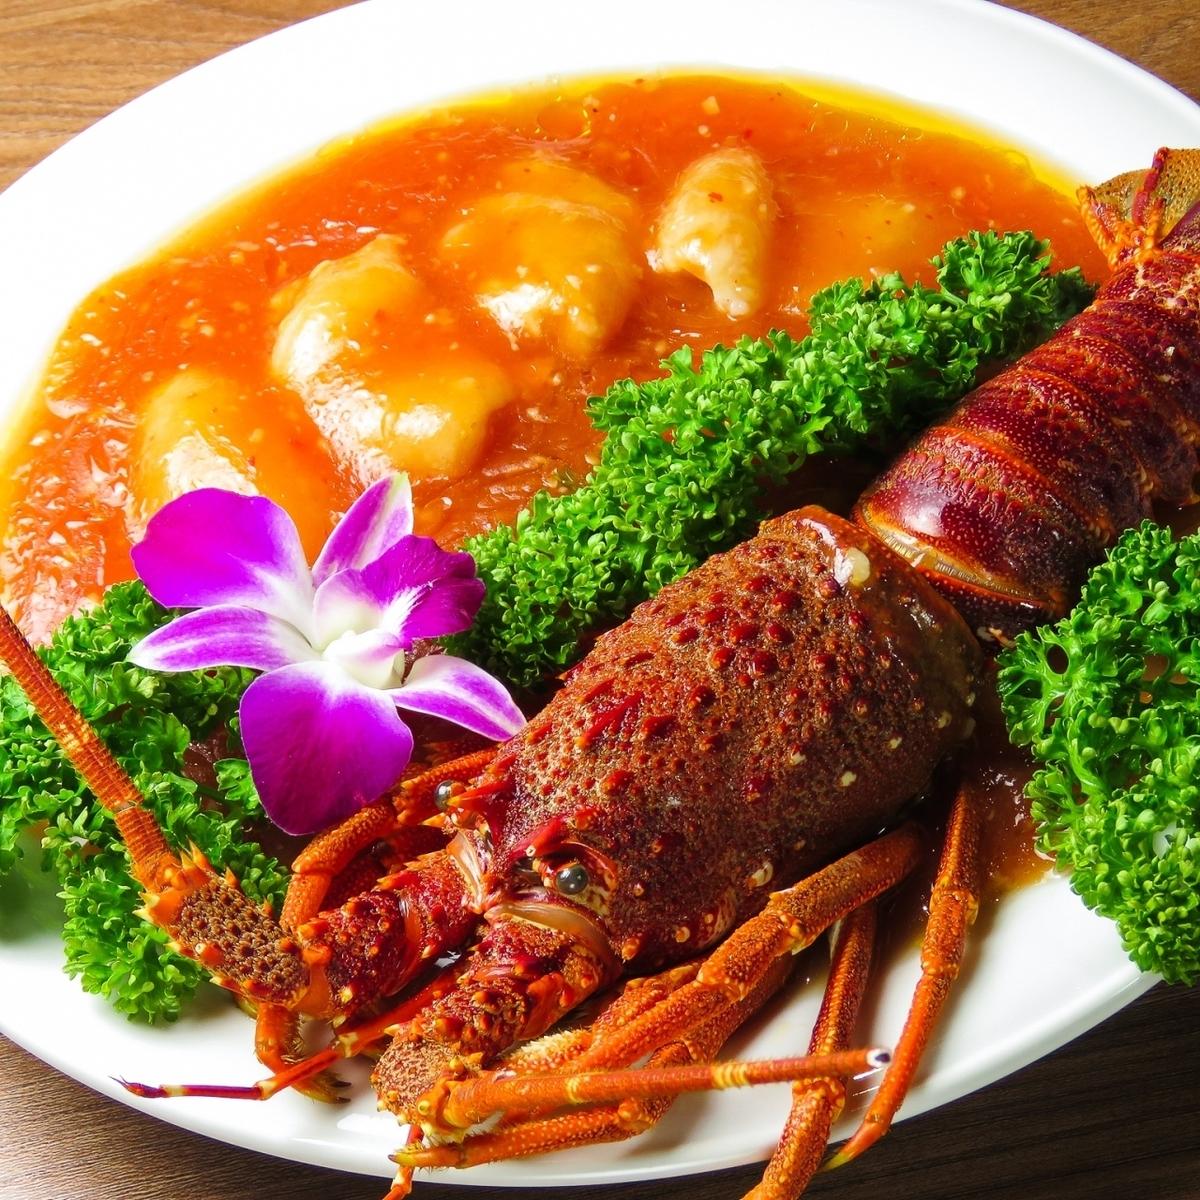 """伊势虾的辣椒酱""""精制奢侈食品配料的炒虾"""""""